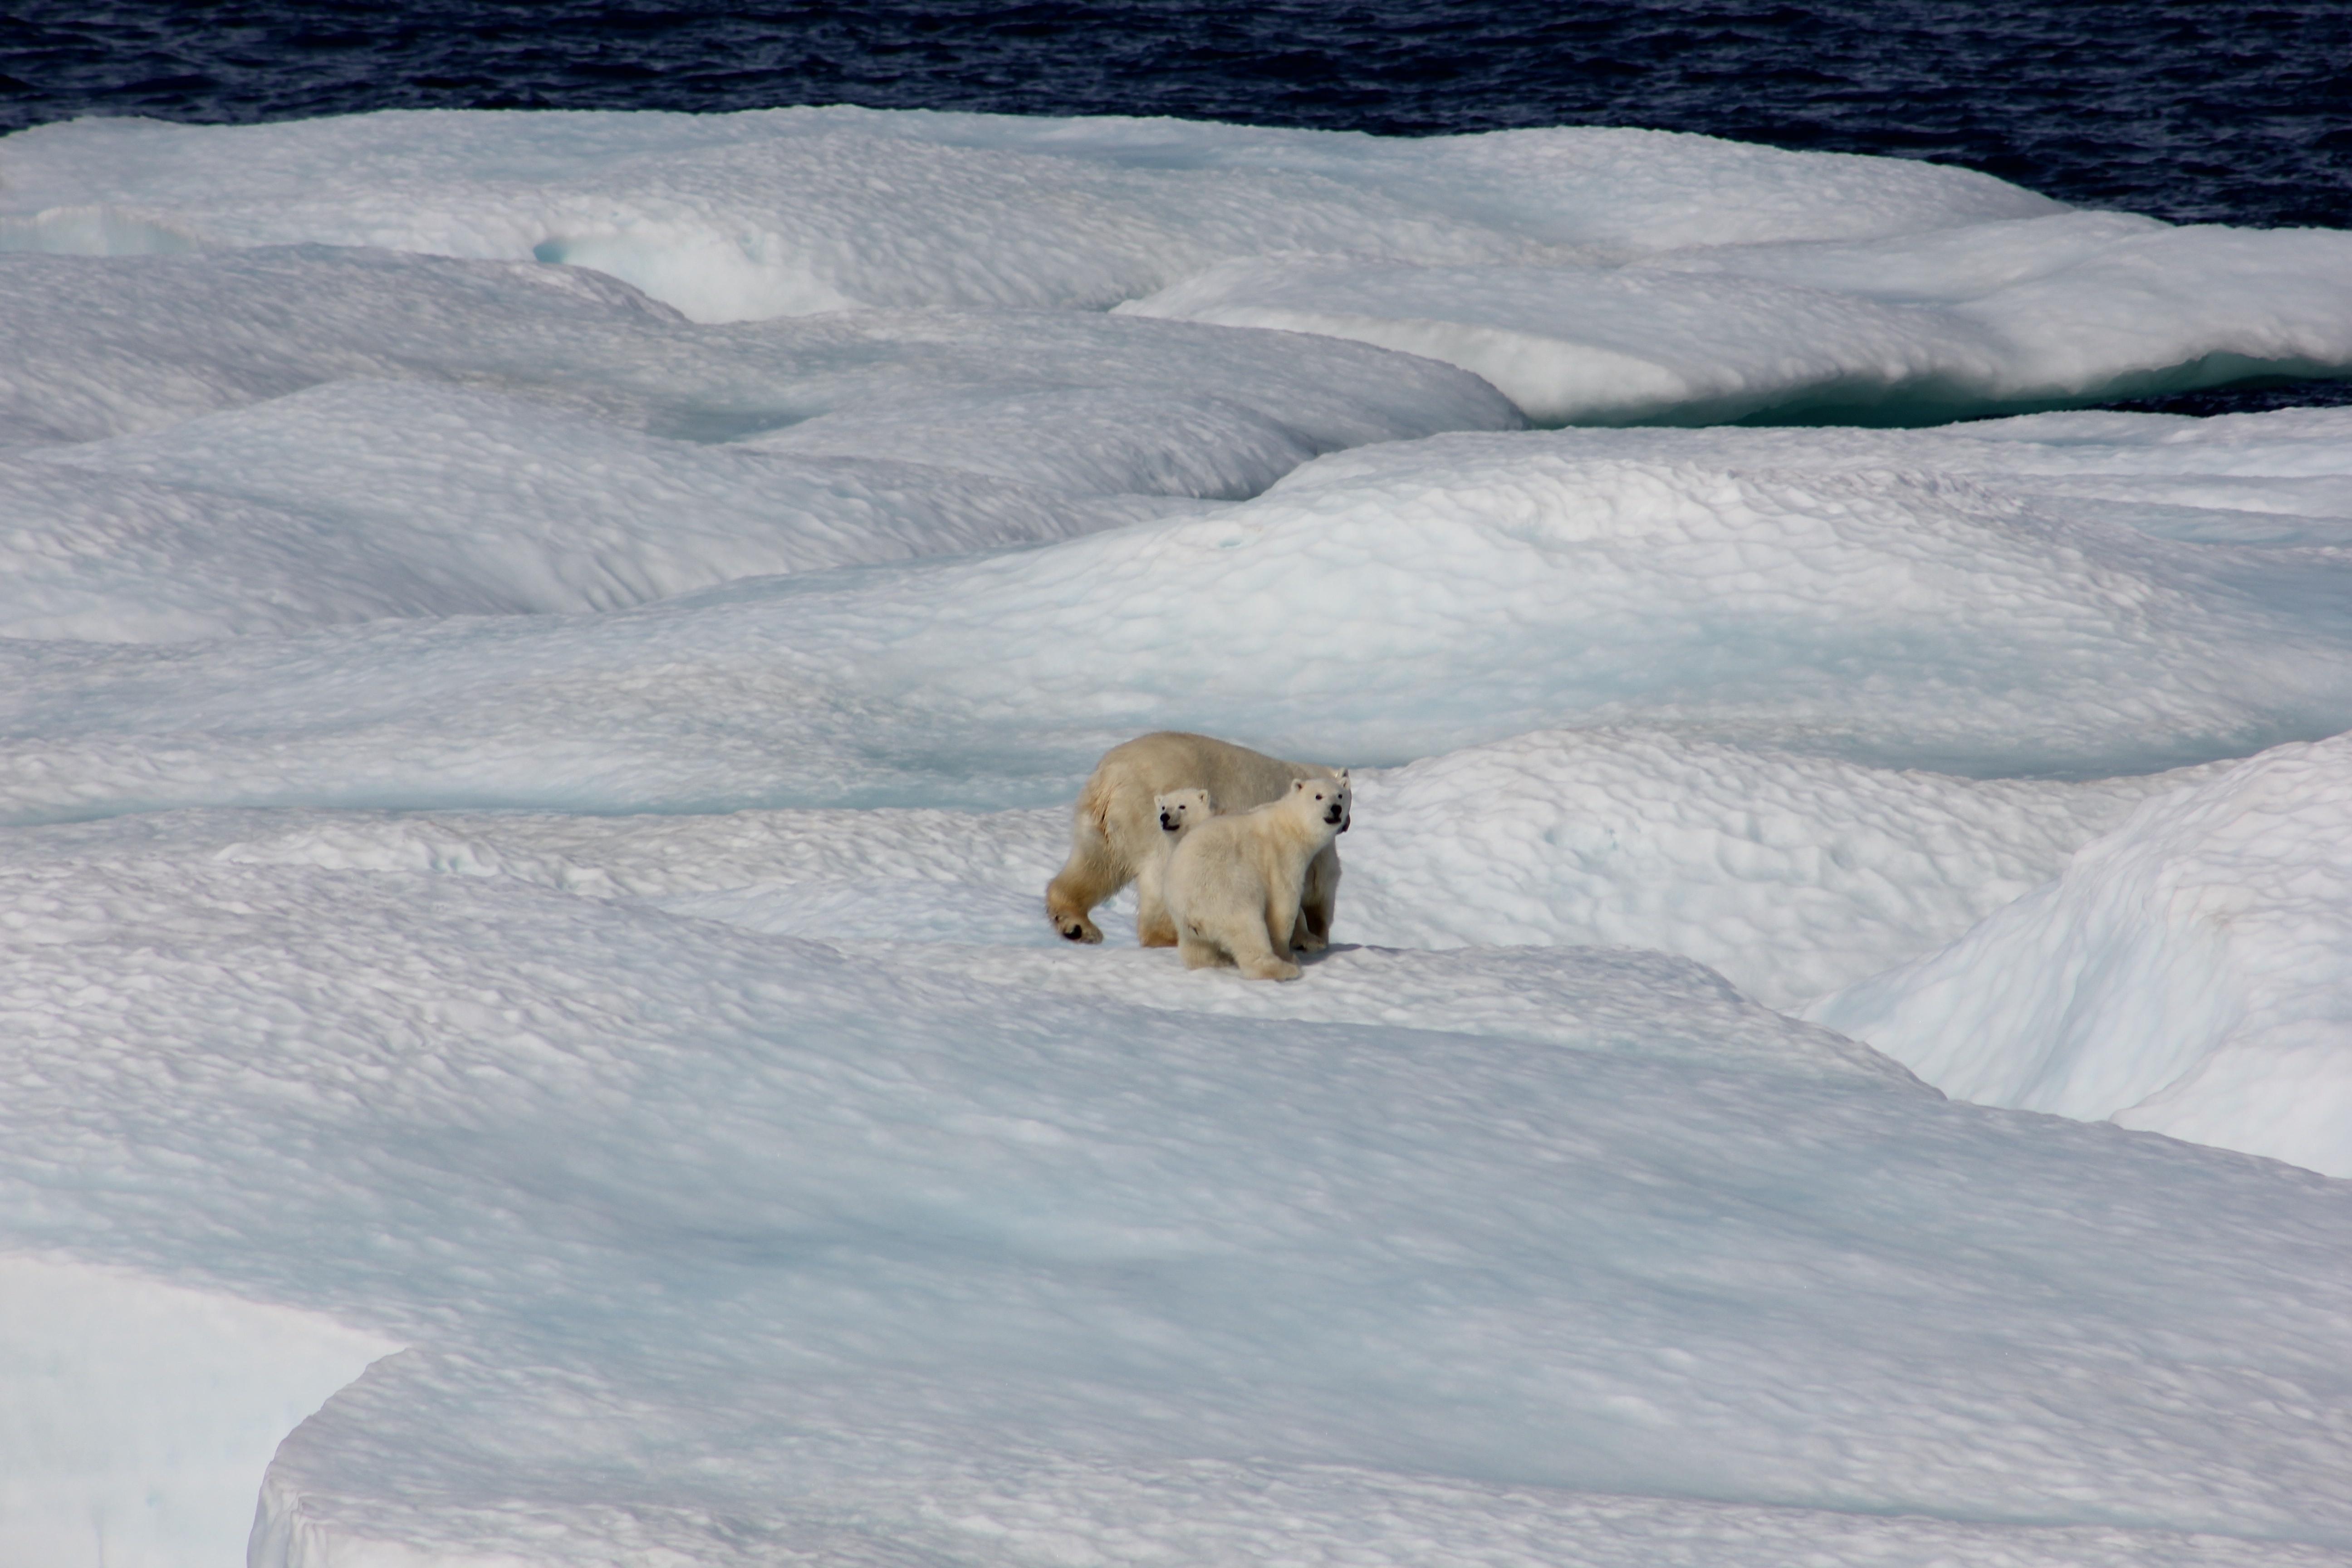 Polar Bears on melting ice. Credit: NOAA